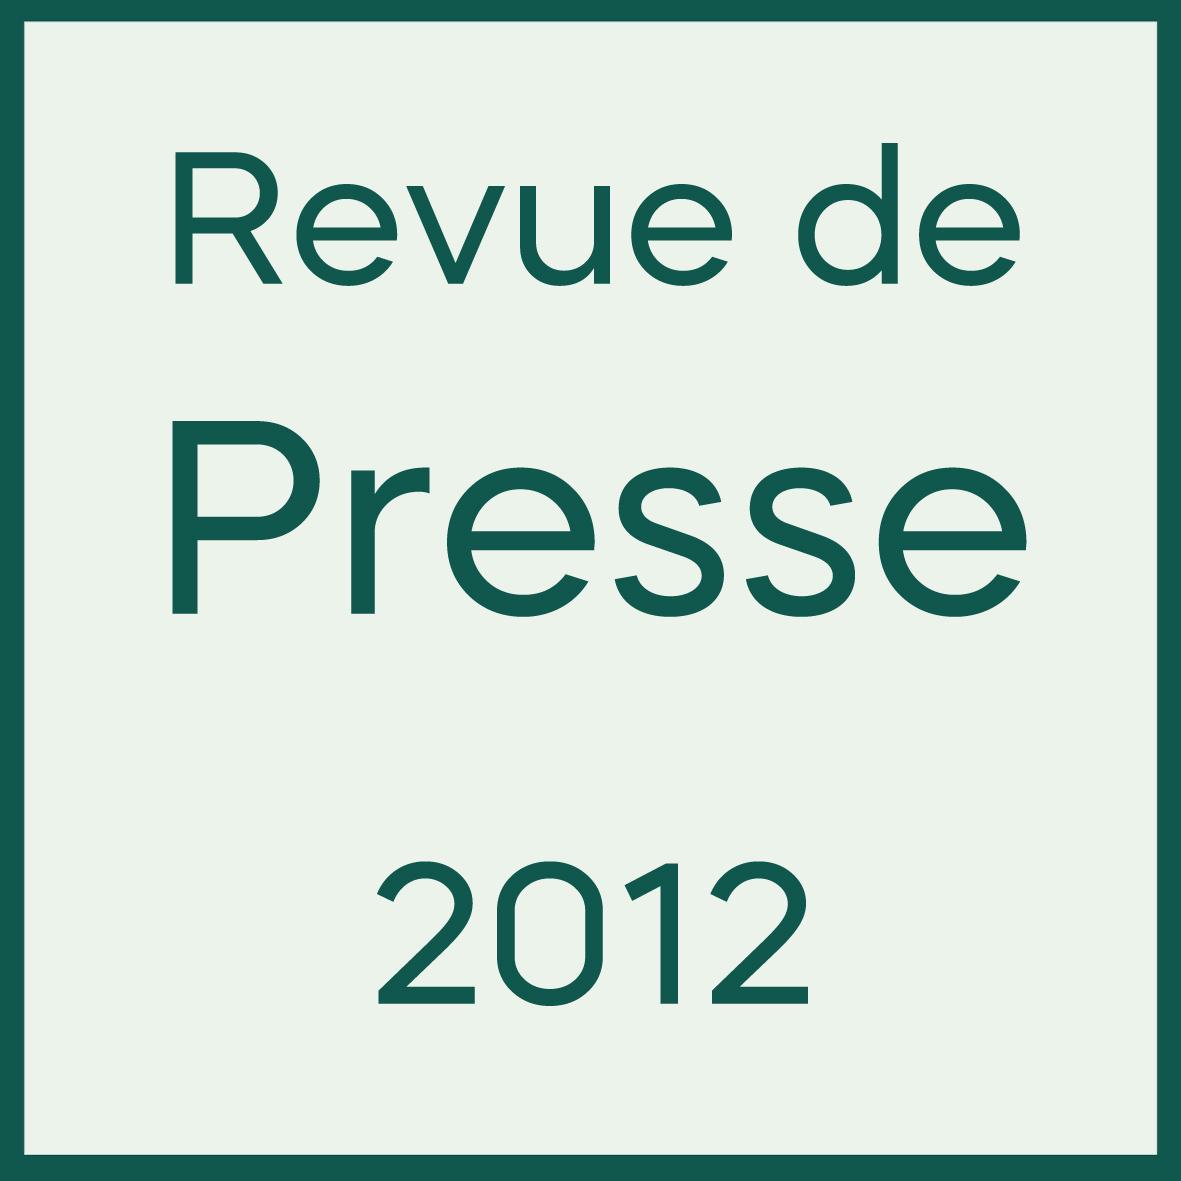 revue-de-presse-2012-1